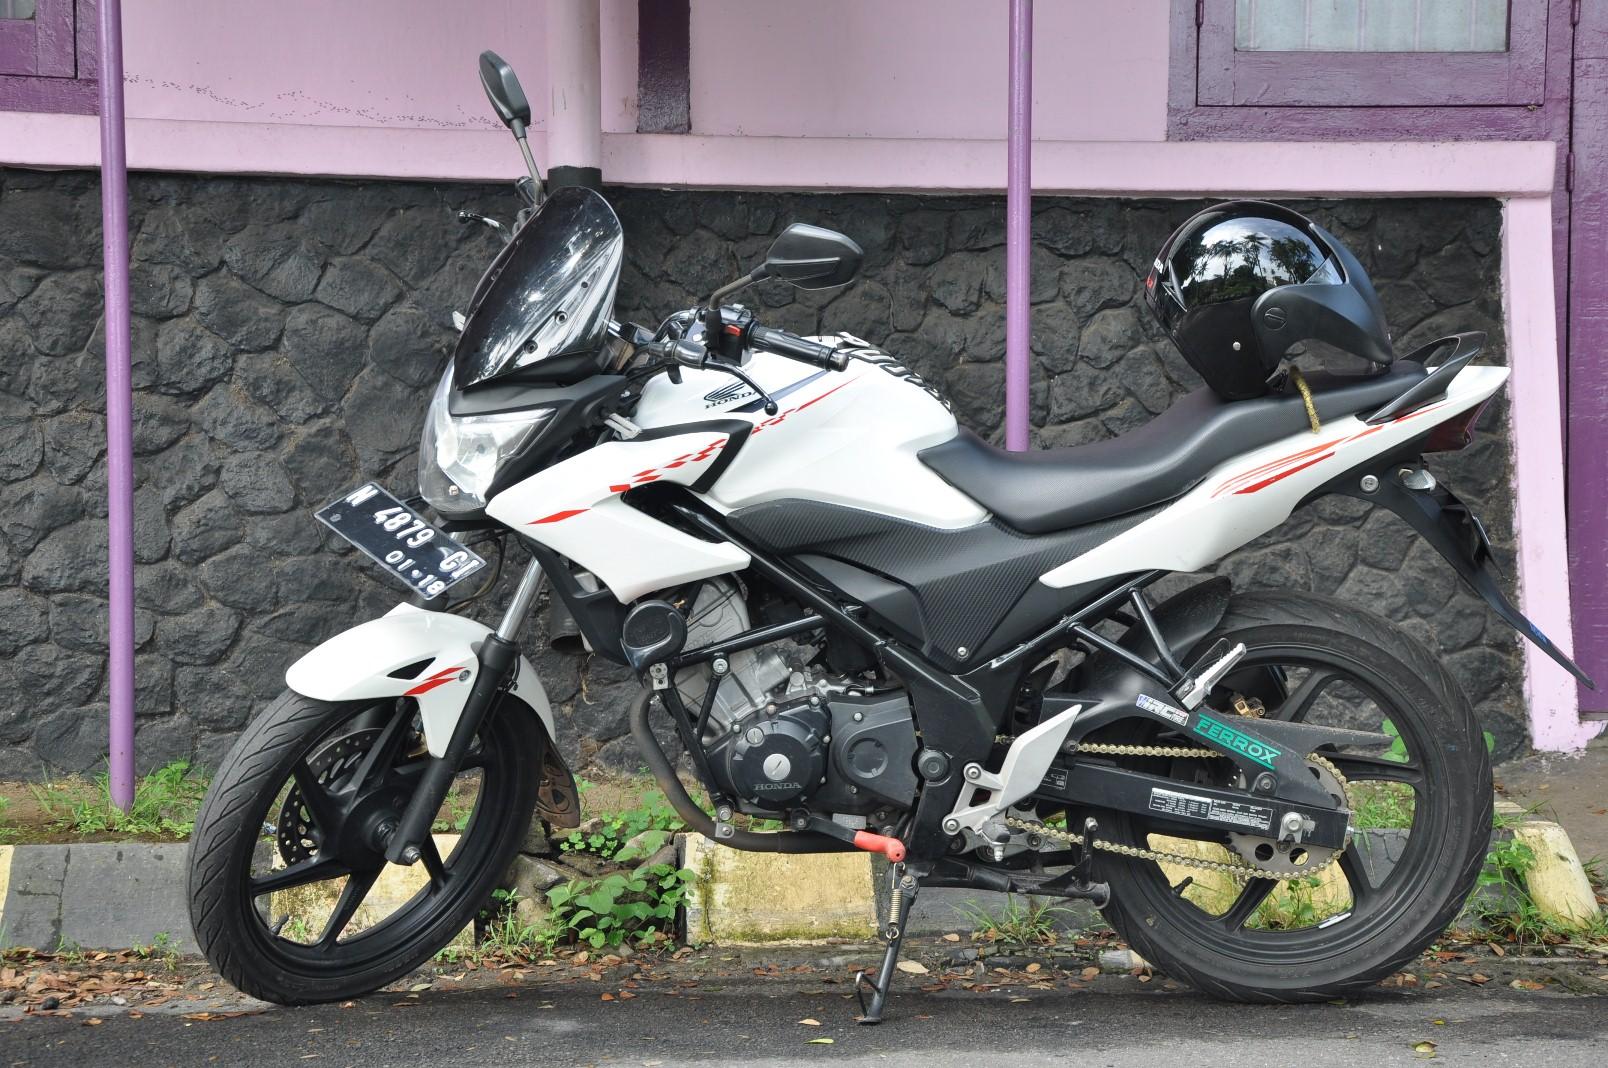 Facelift Honda CB150R berkode K15M? Bisa jadi masbro